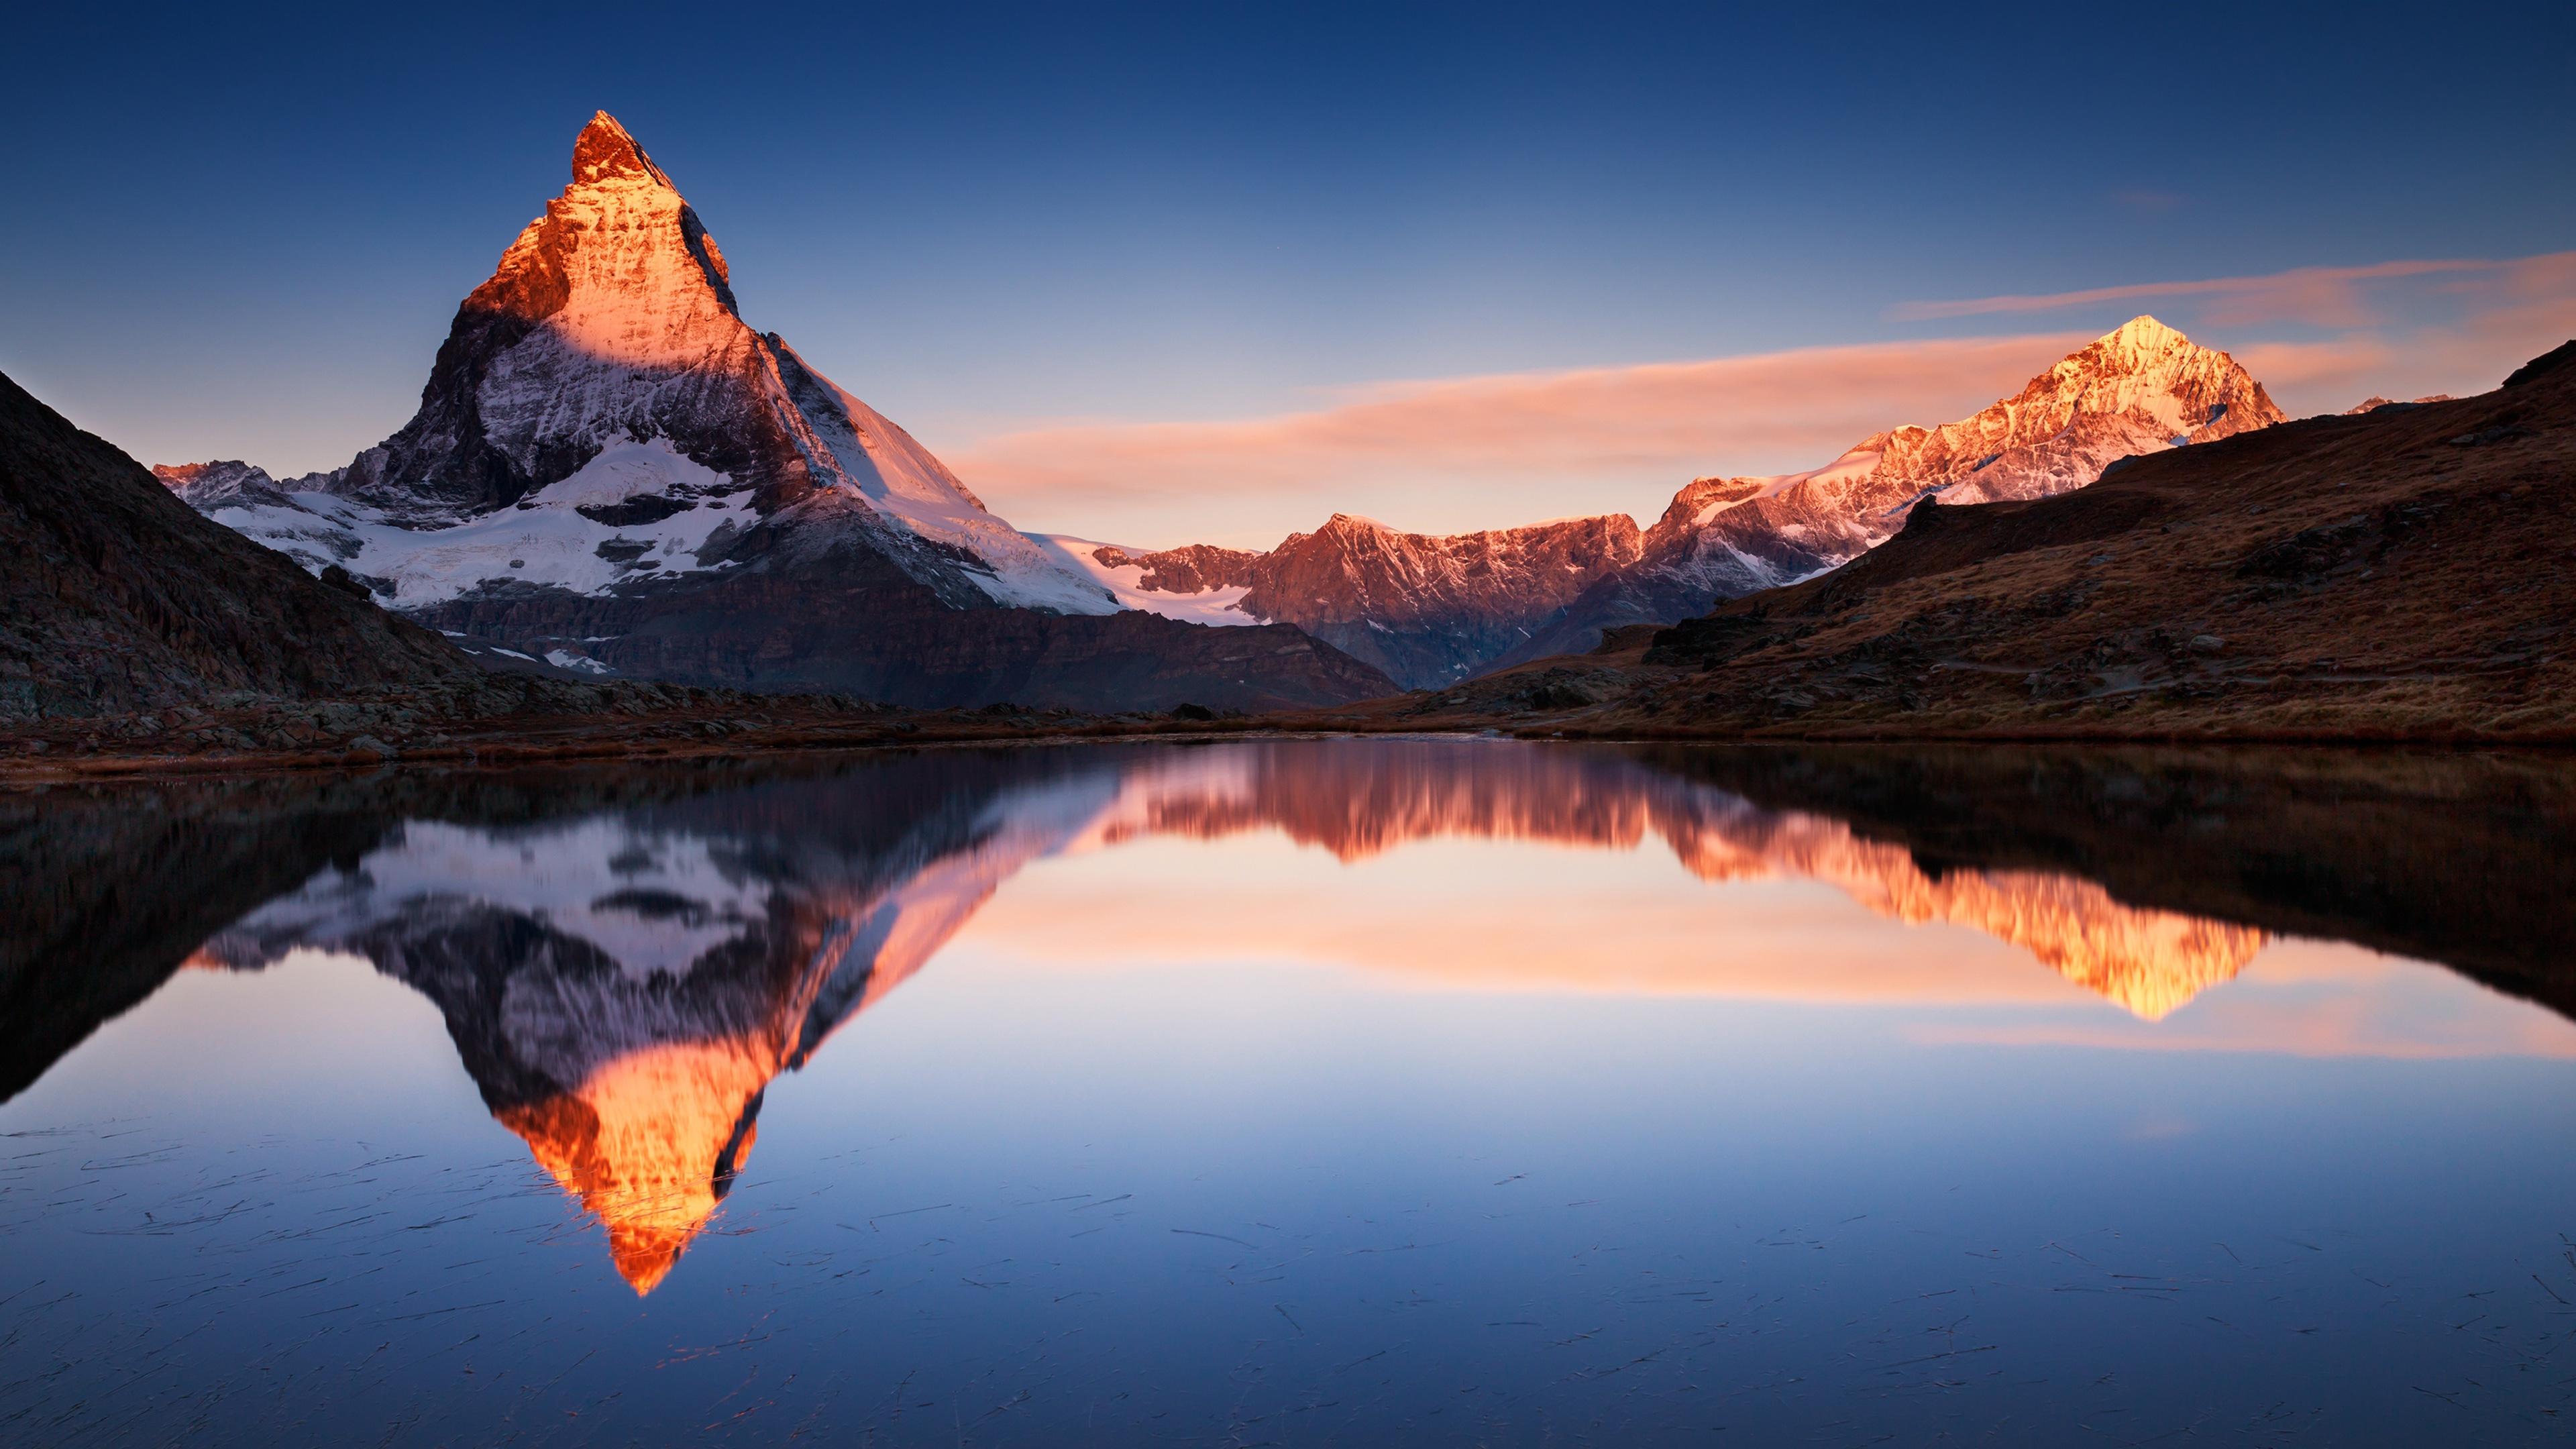 Great Wallpaper Mountain 1440p - apple-mountains-lu  Snapshot_4590100.jpg